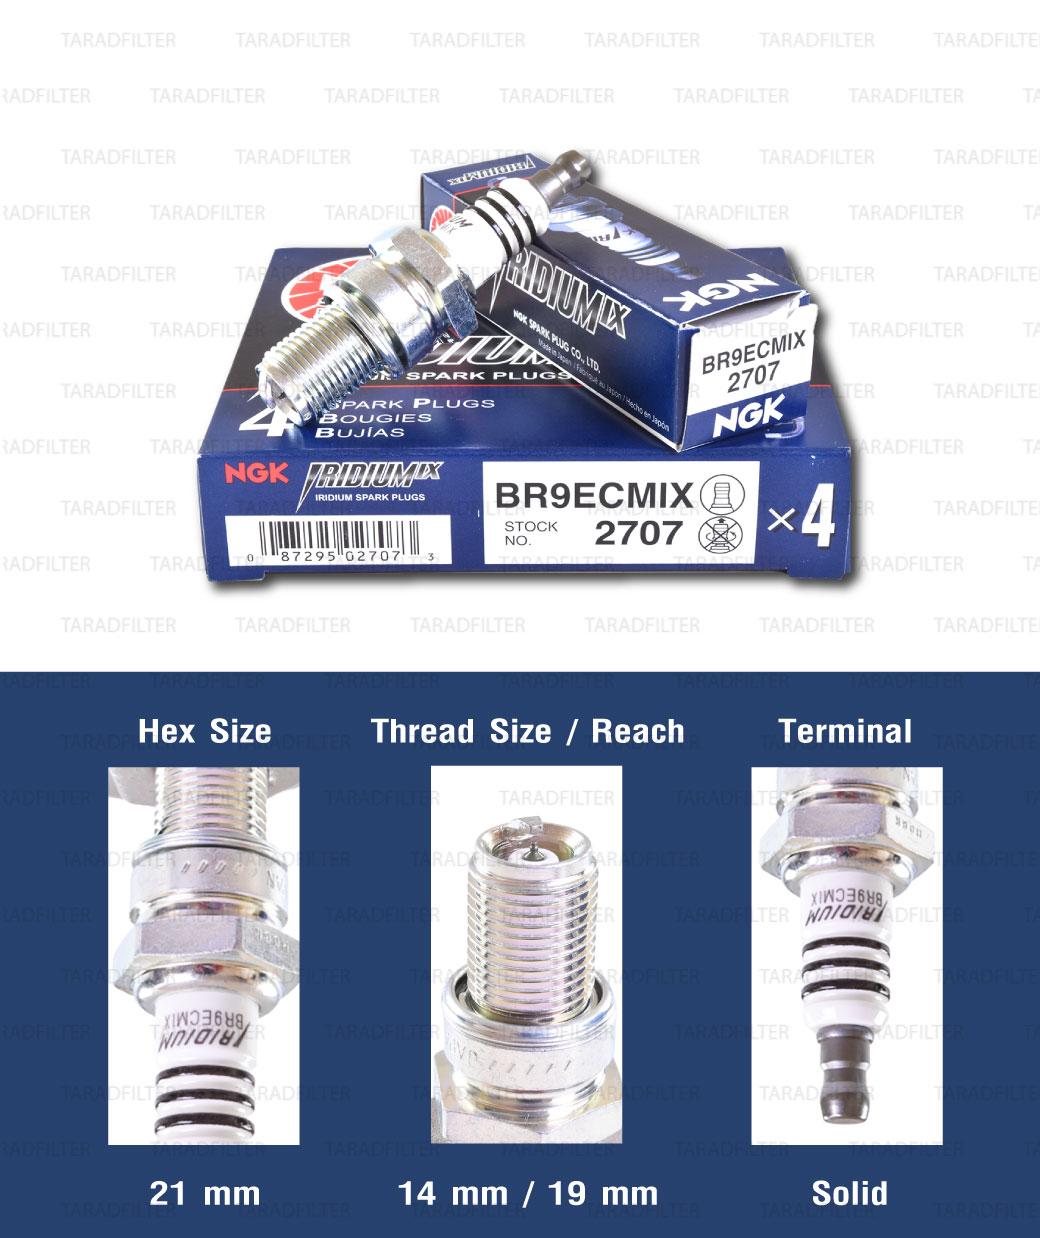 หัวเทียน NGK BR9ECMIX ขั้ว Iridium ใช้สำหรับมอเตอร์ไซค์ 2 จังหวะ KR150K, NSR150SP, Phantom150 (รุ่นตูดถอดไม่ได้) (1 หัว) - Made in Japan